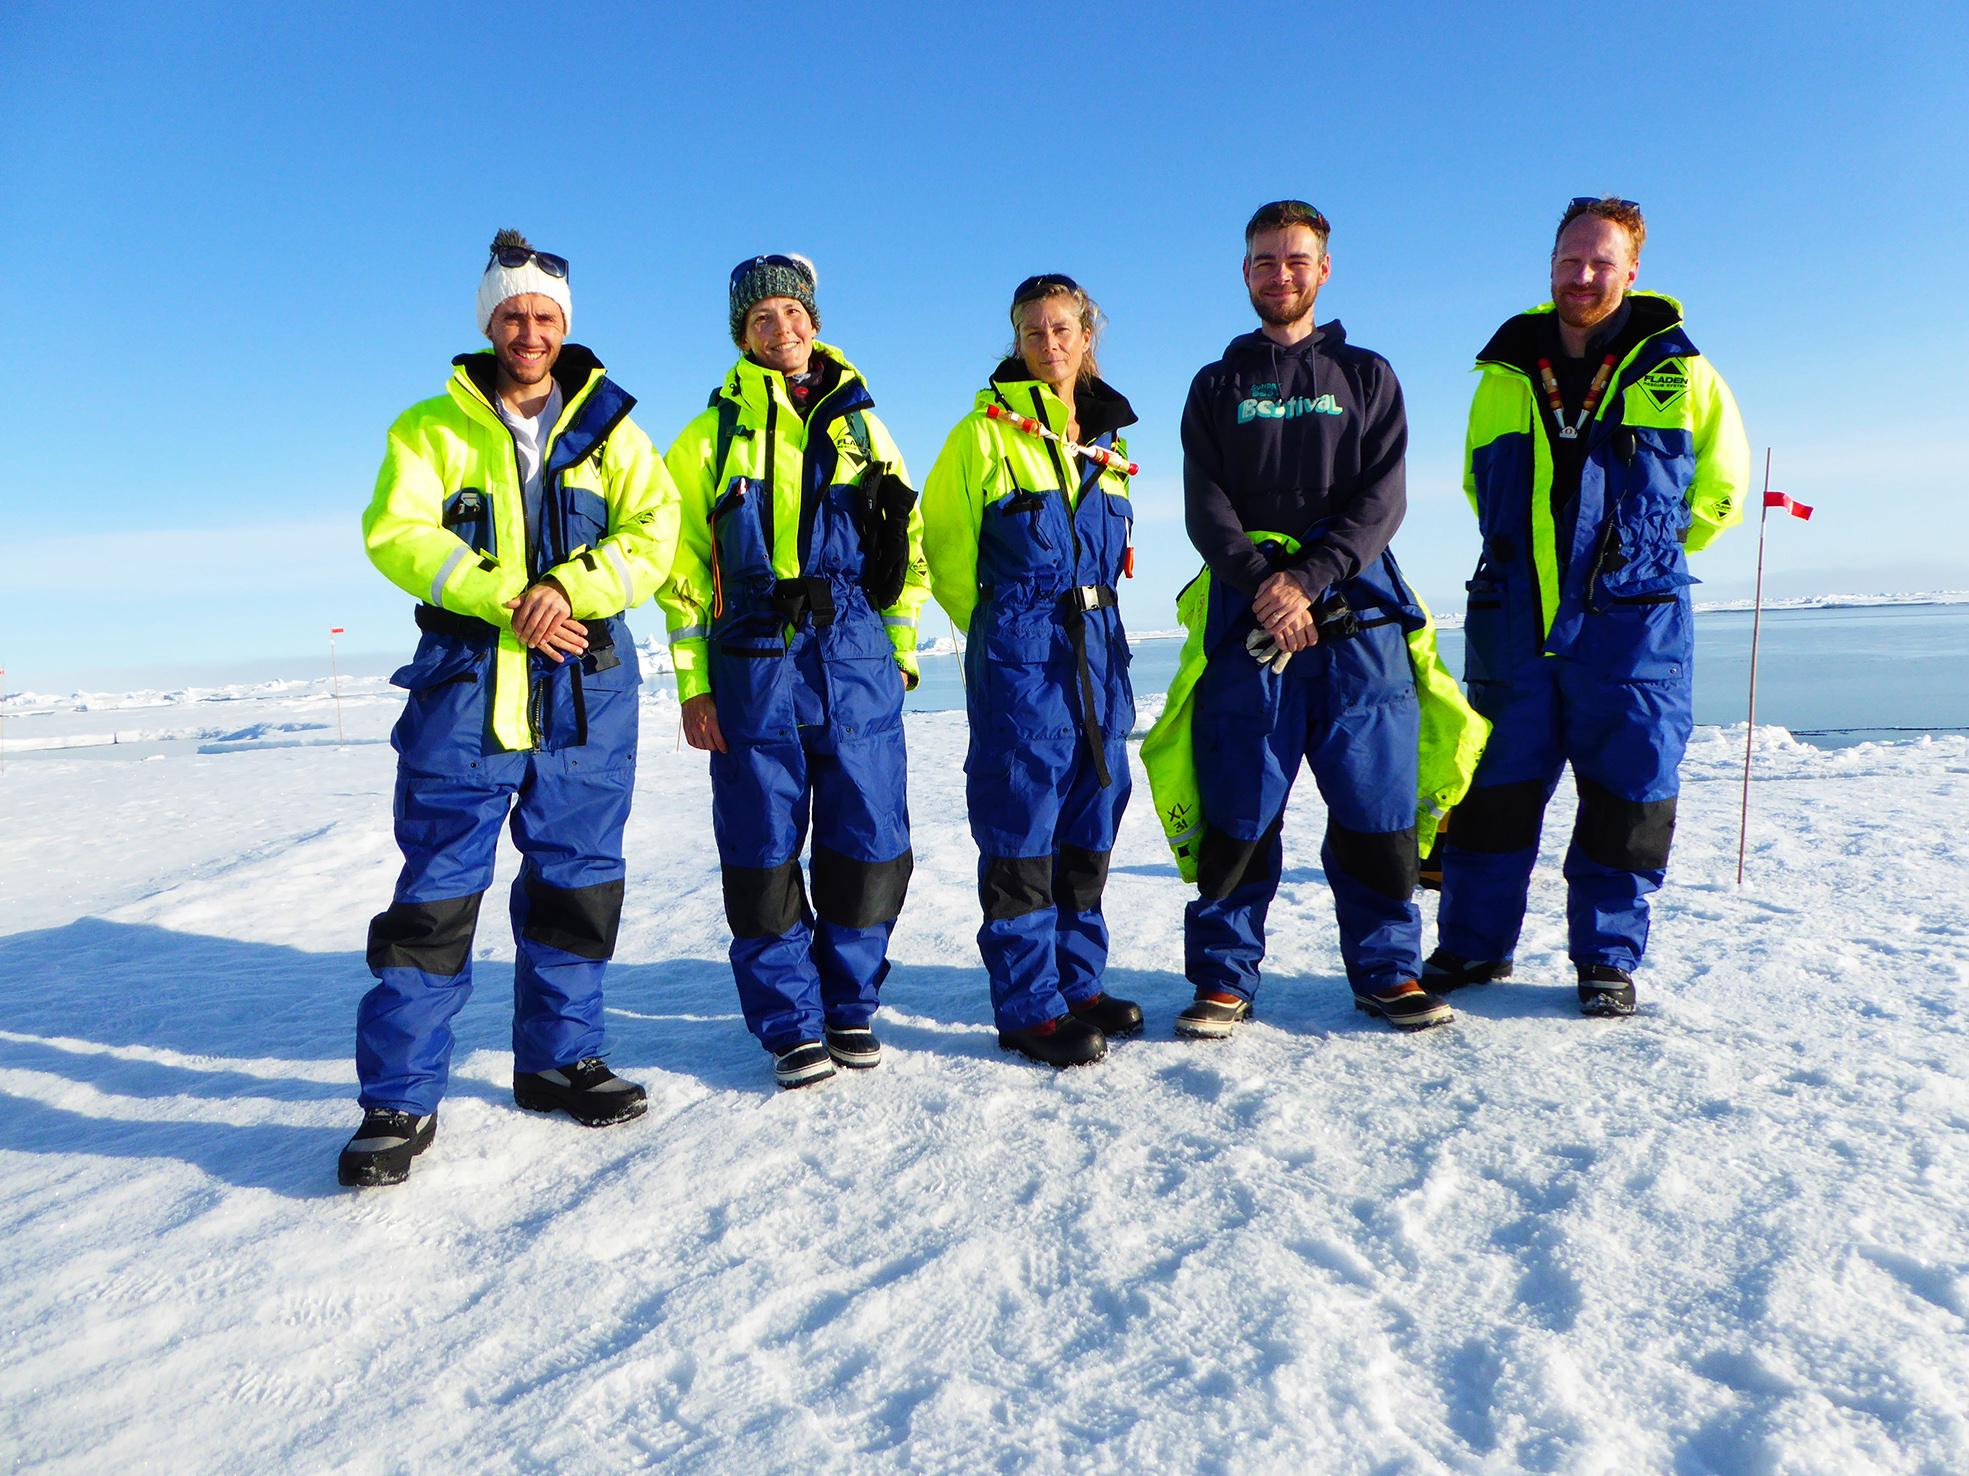 Forskargruppen vid den öppna råken under den första dagen på isen. Från vänster: Matt Salter, Helen Czerski, Karin Alfredsson, John Prytherch och Paul Zeiger. Foto: Lars Tano